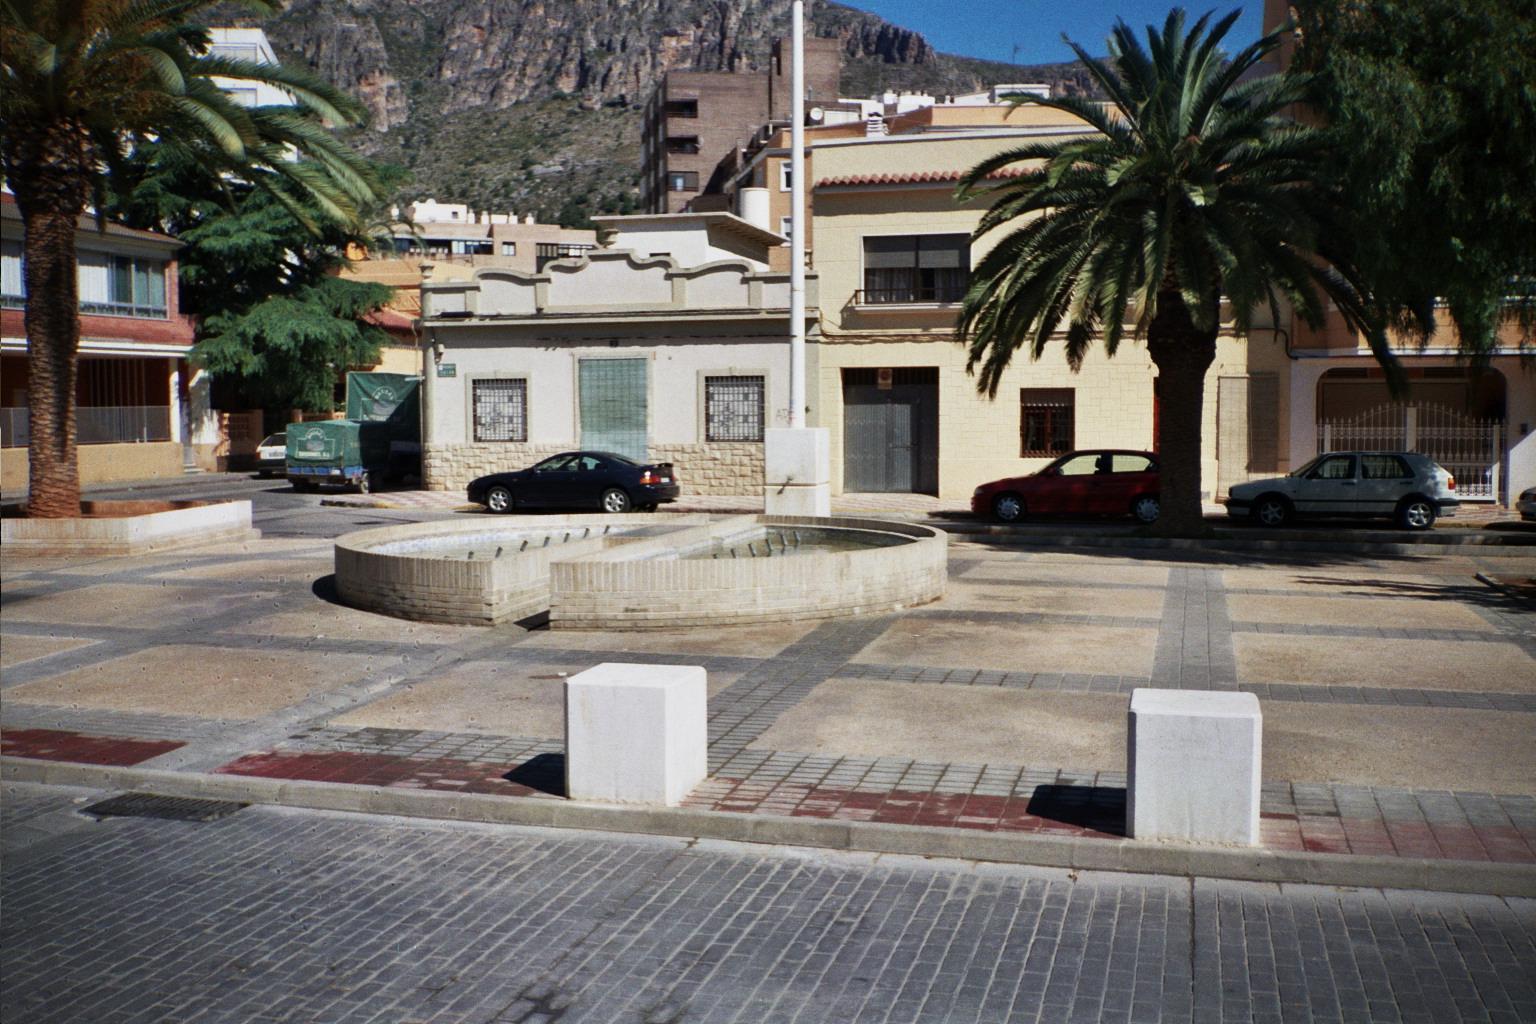 Parques plazas patios de escuelas landshaft - Paisajismo barcelona ...